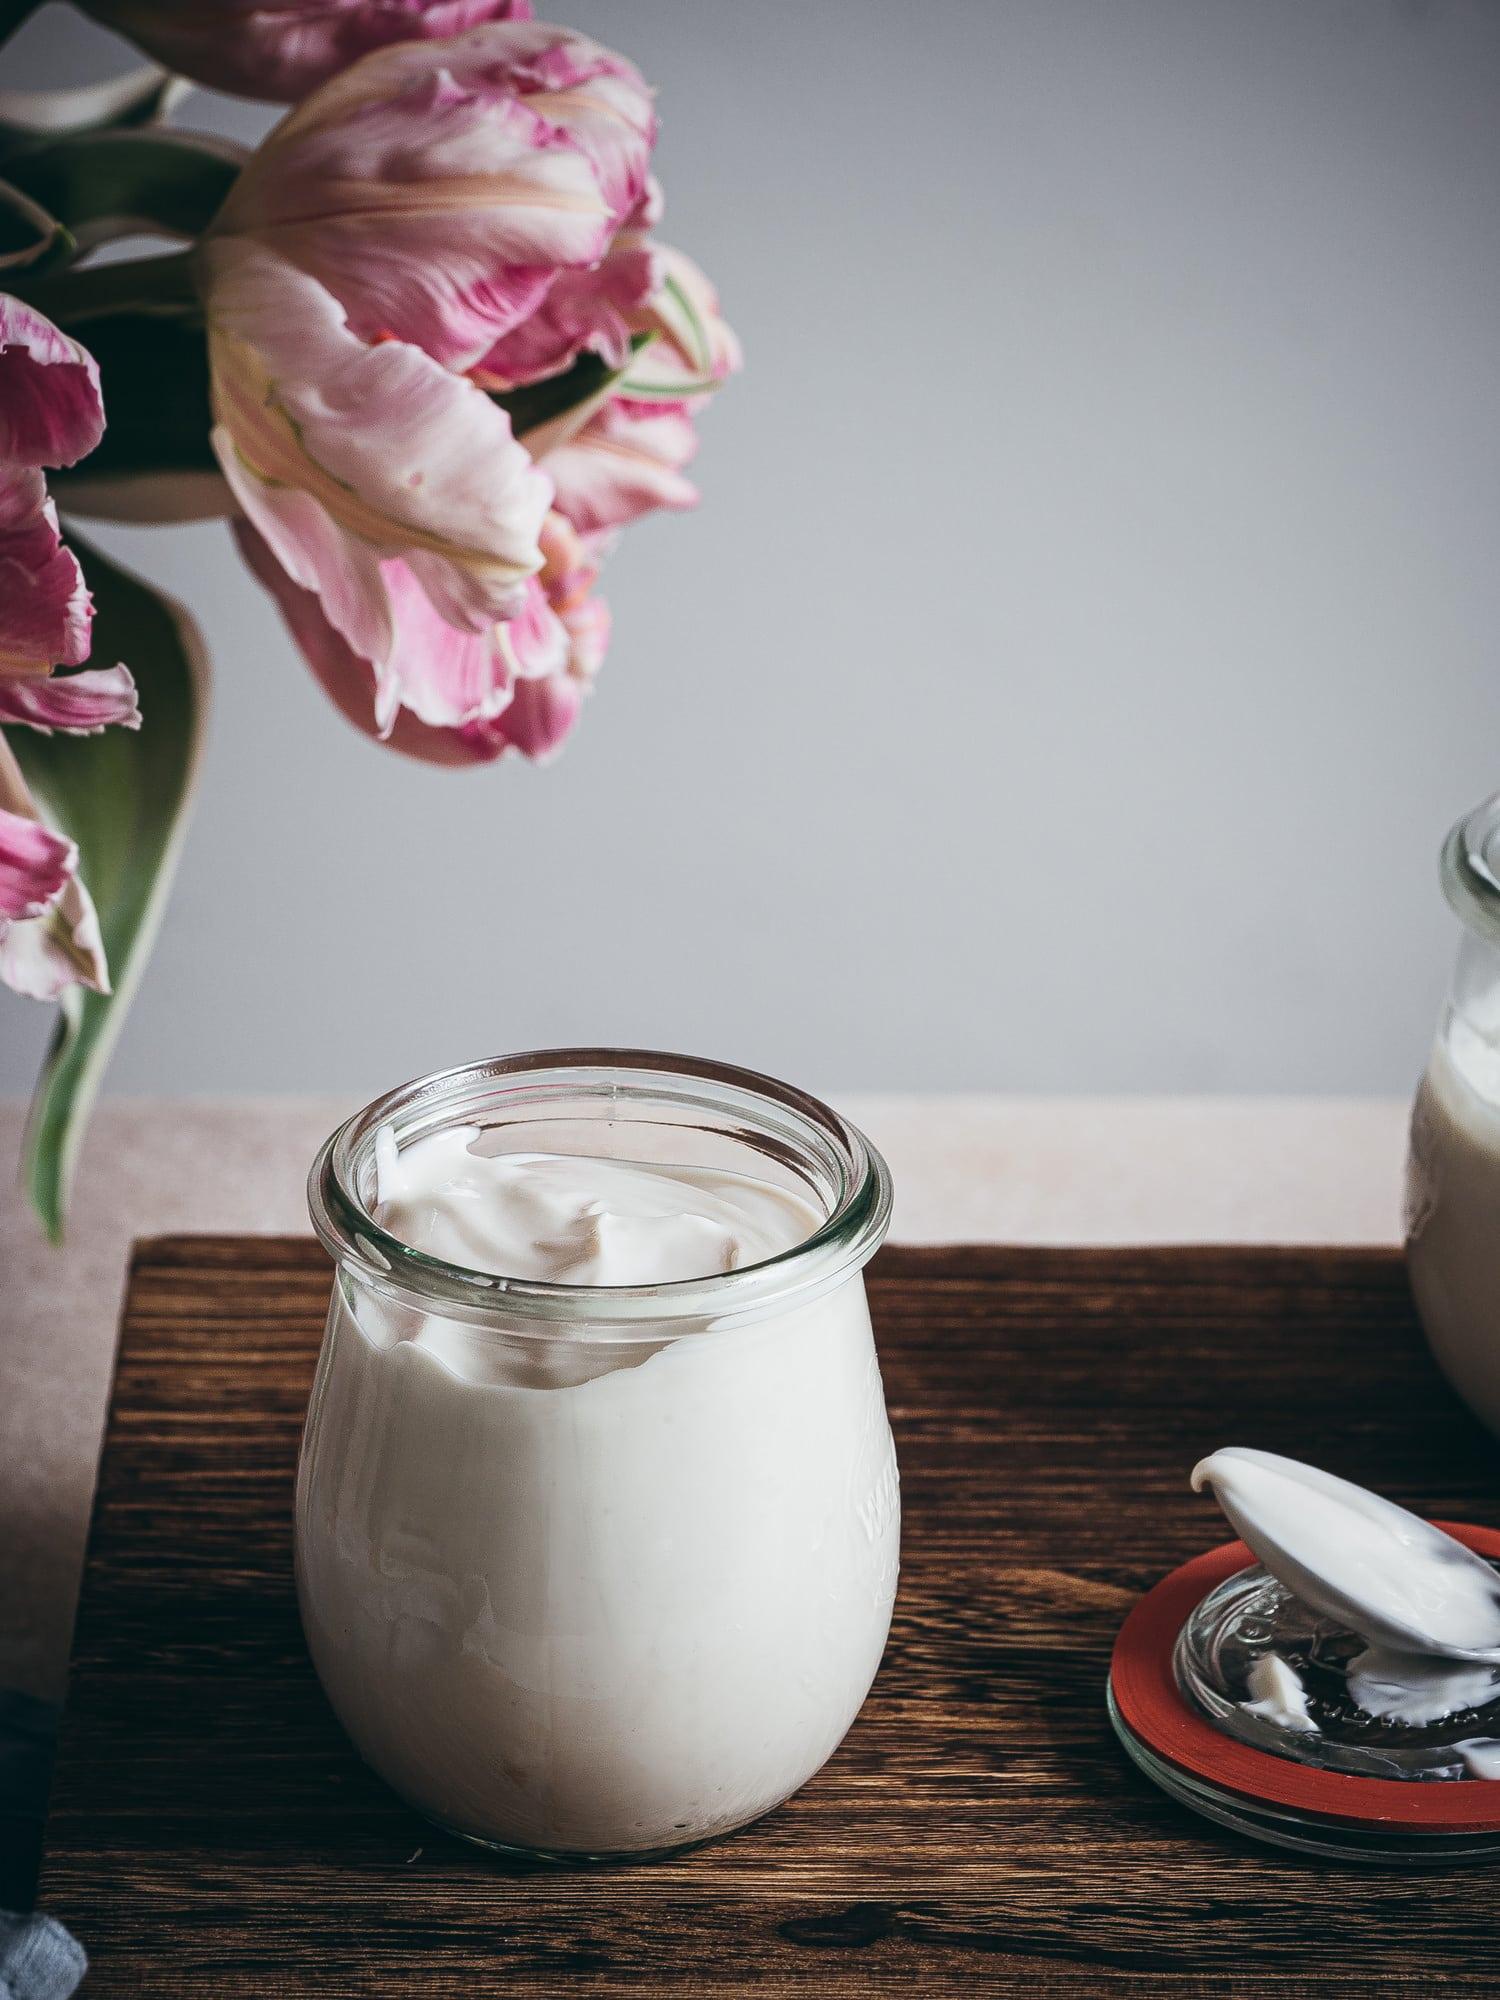 selbst gemachter Joghurt